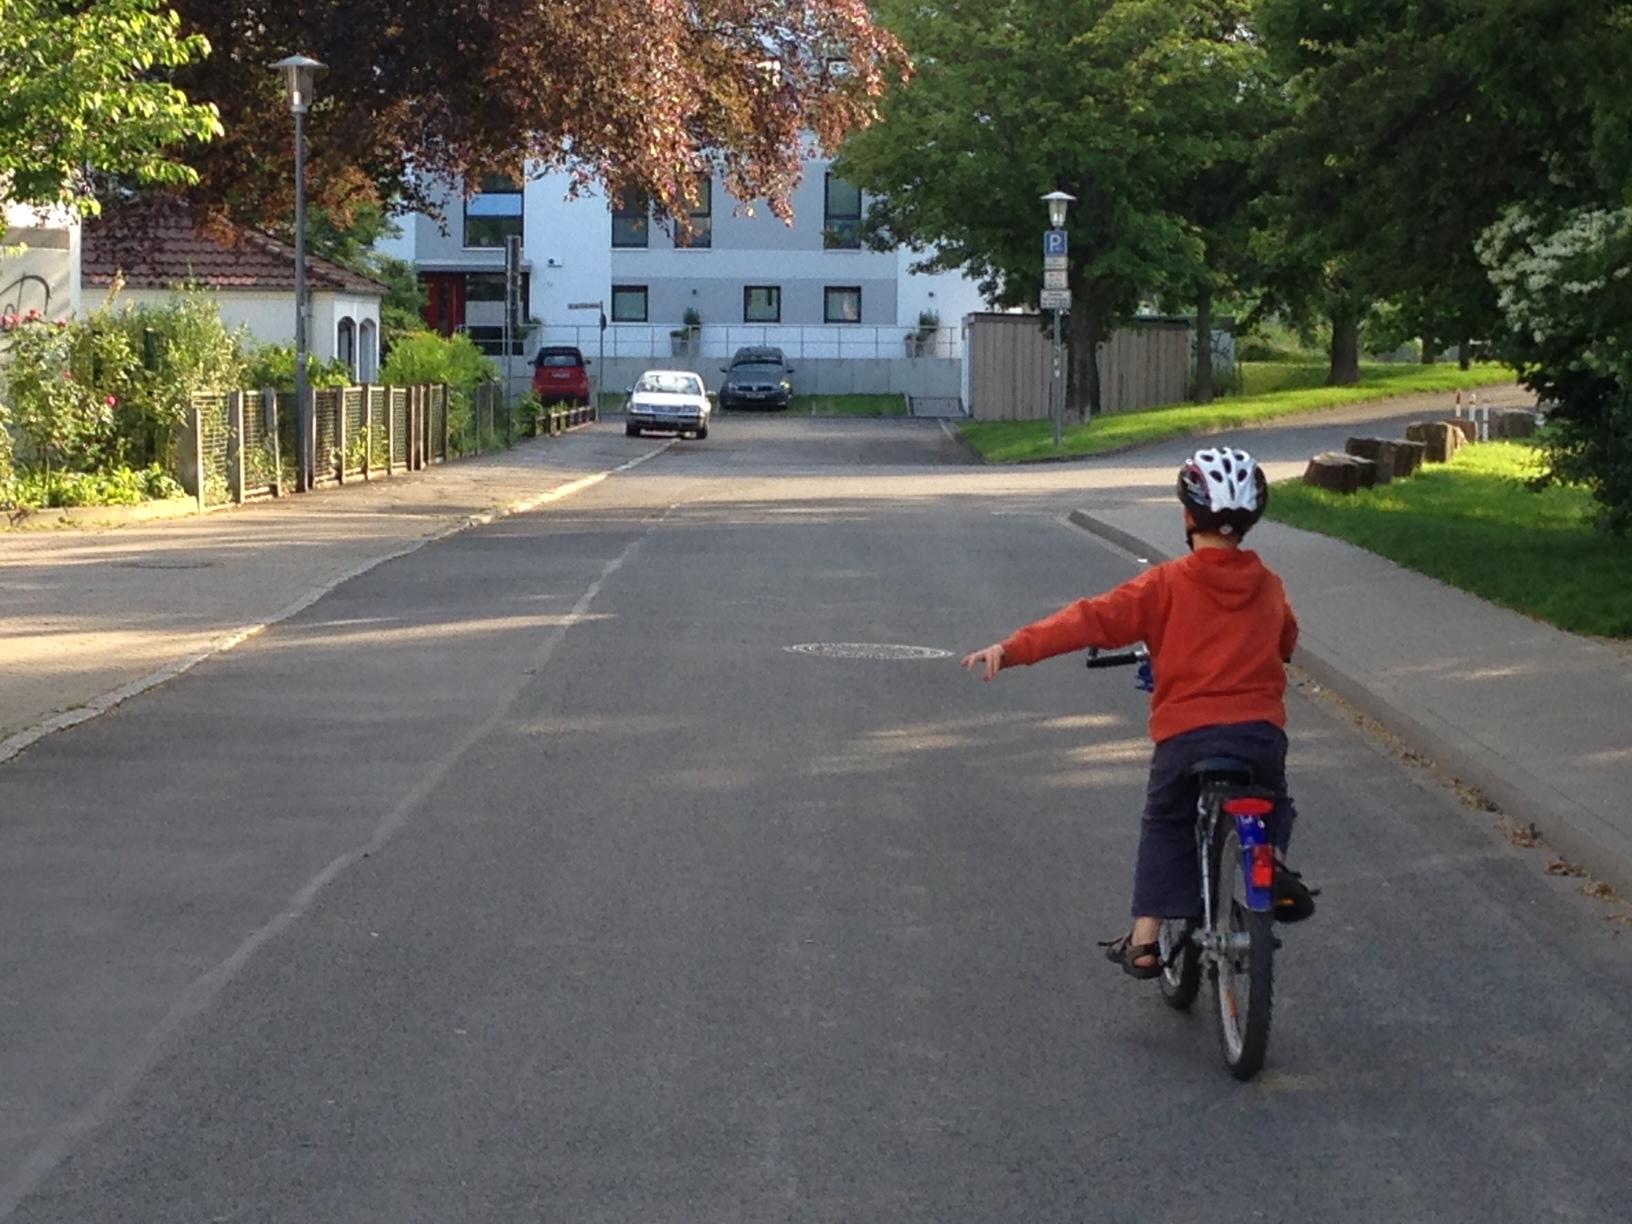 fahrrad-abbiegen